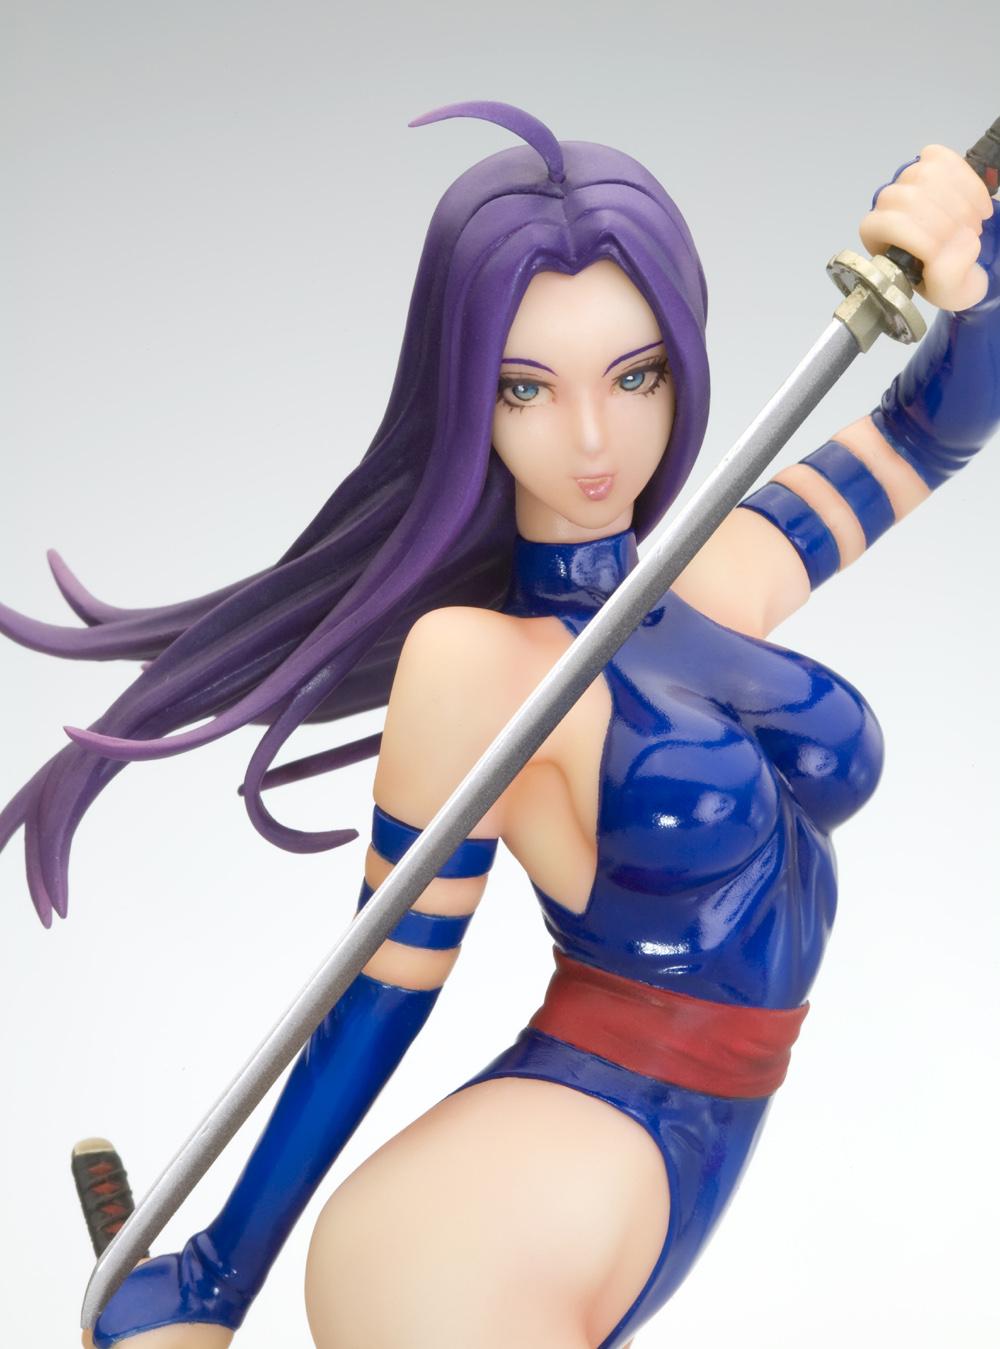 image Hentai cosplay sex machine 2of2